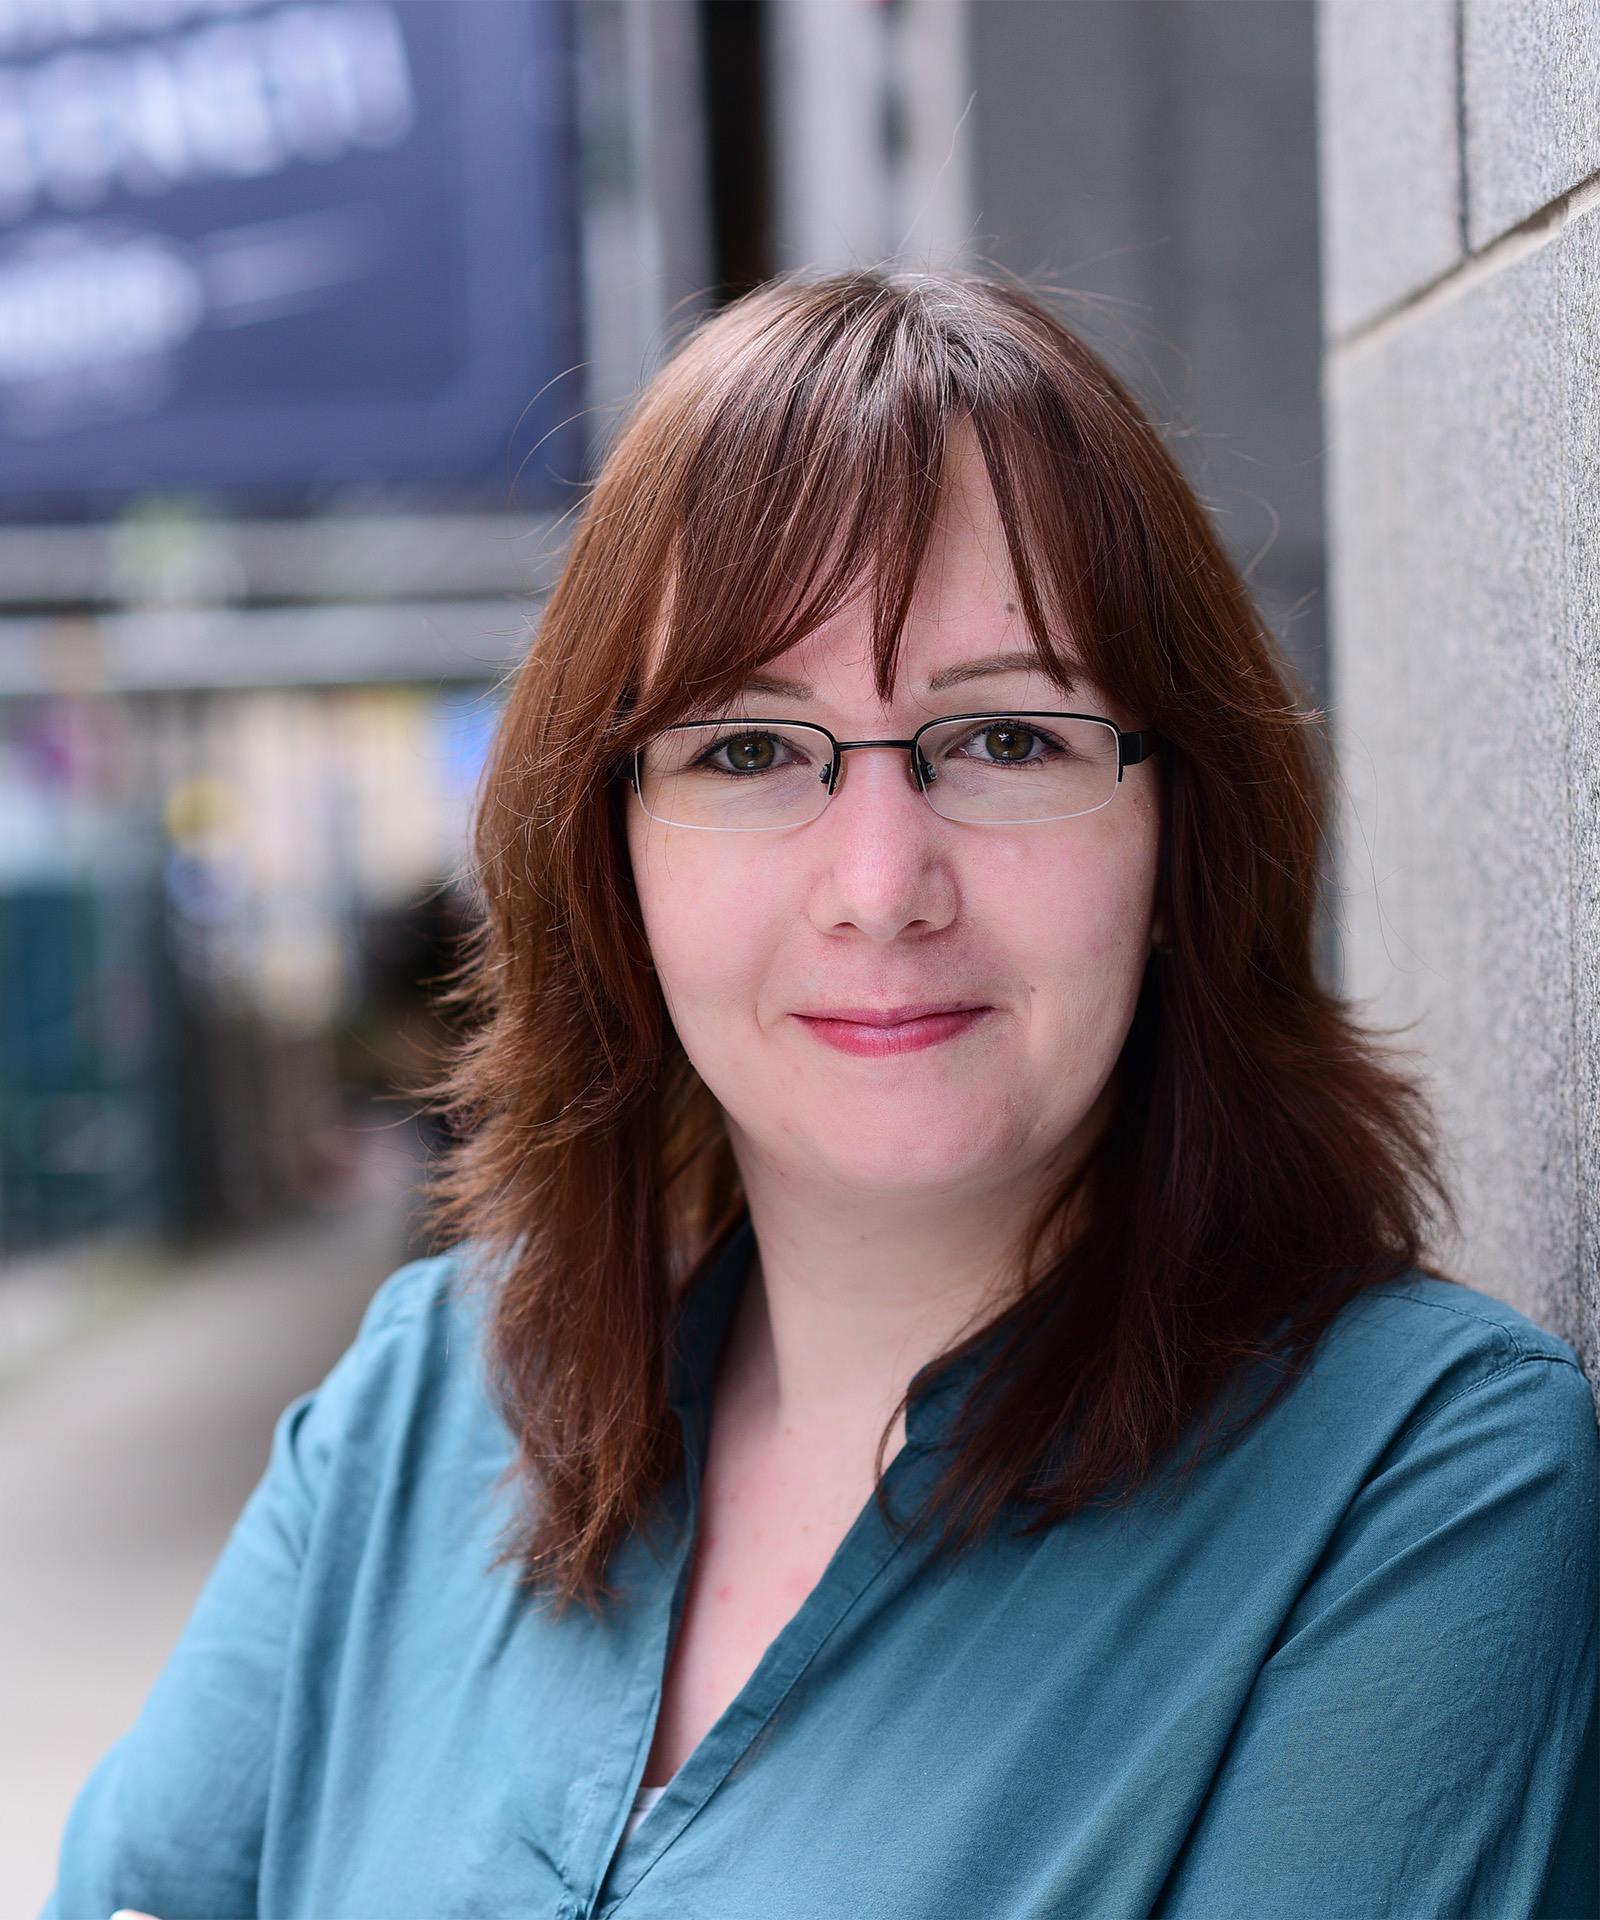 Porträt einer brünetten Frau mit Brille